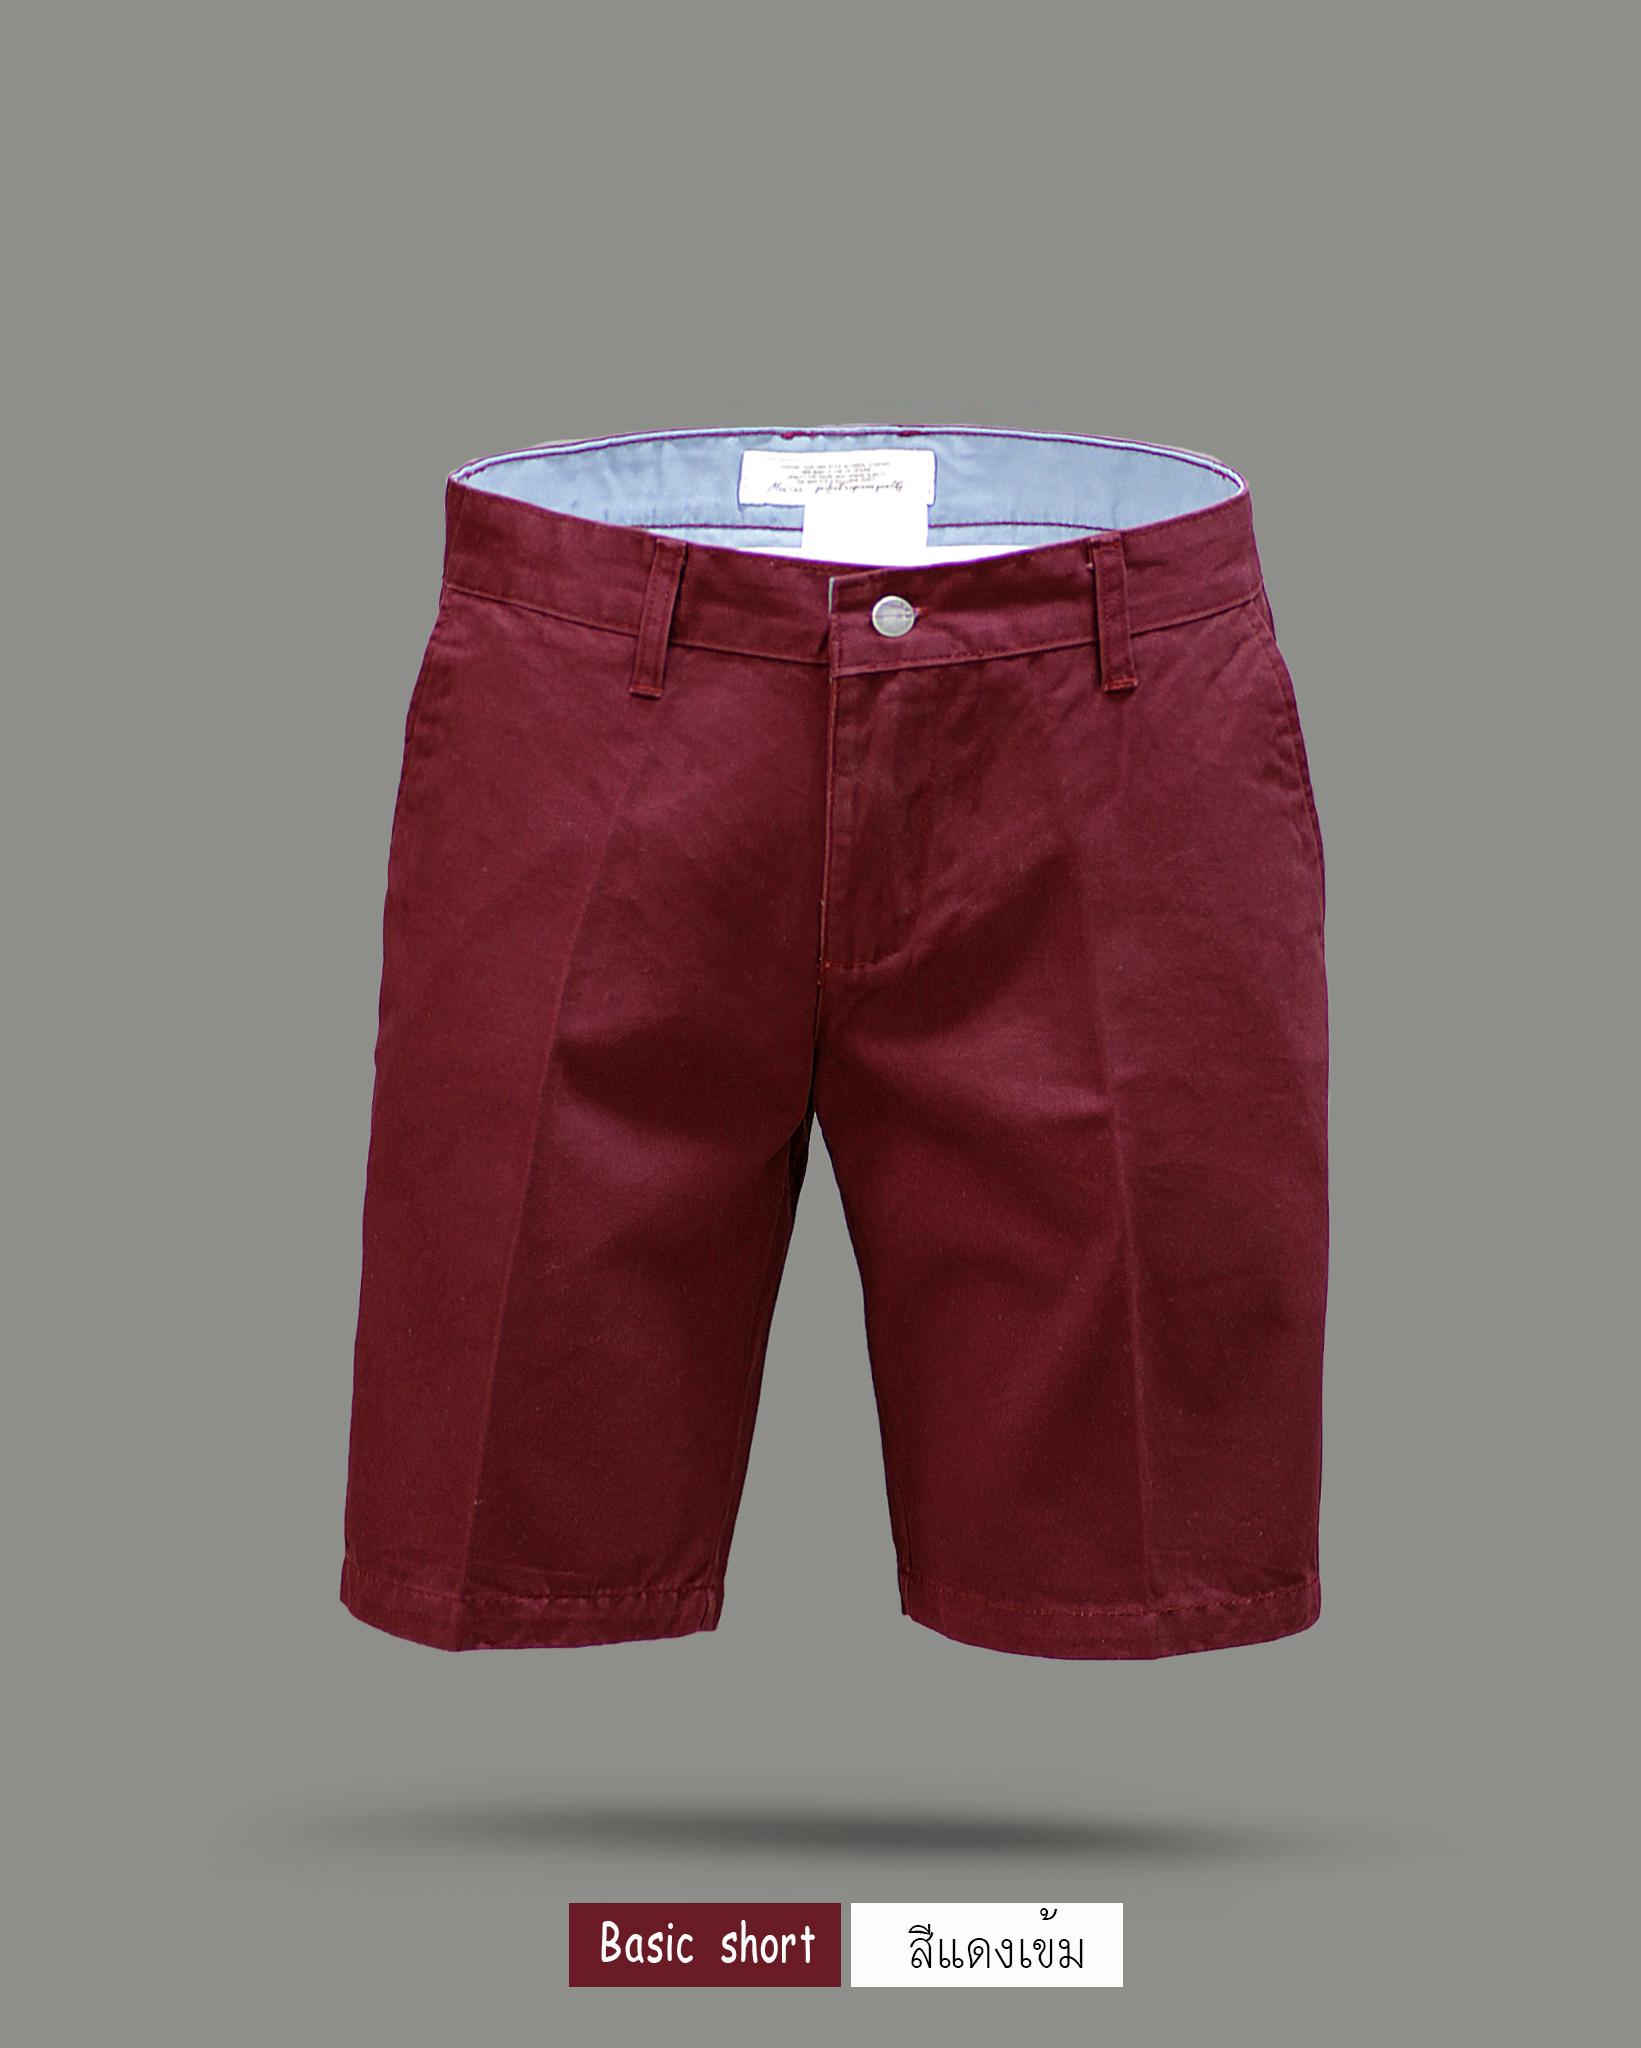 กางเกงขาสั้น สีแดงเข้ม